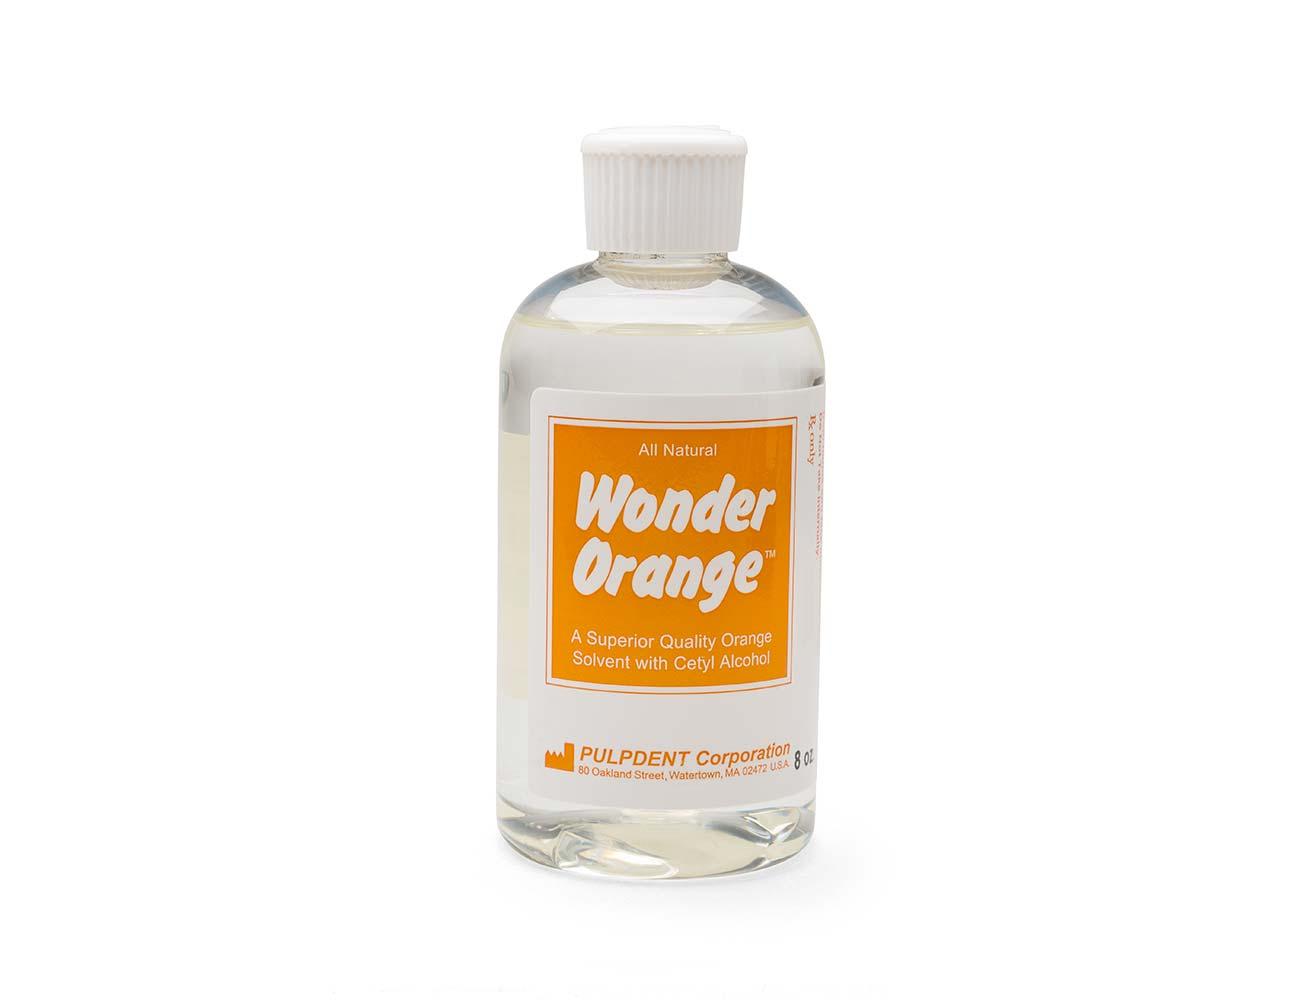 Wonder Orange